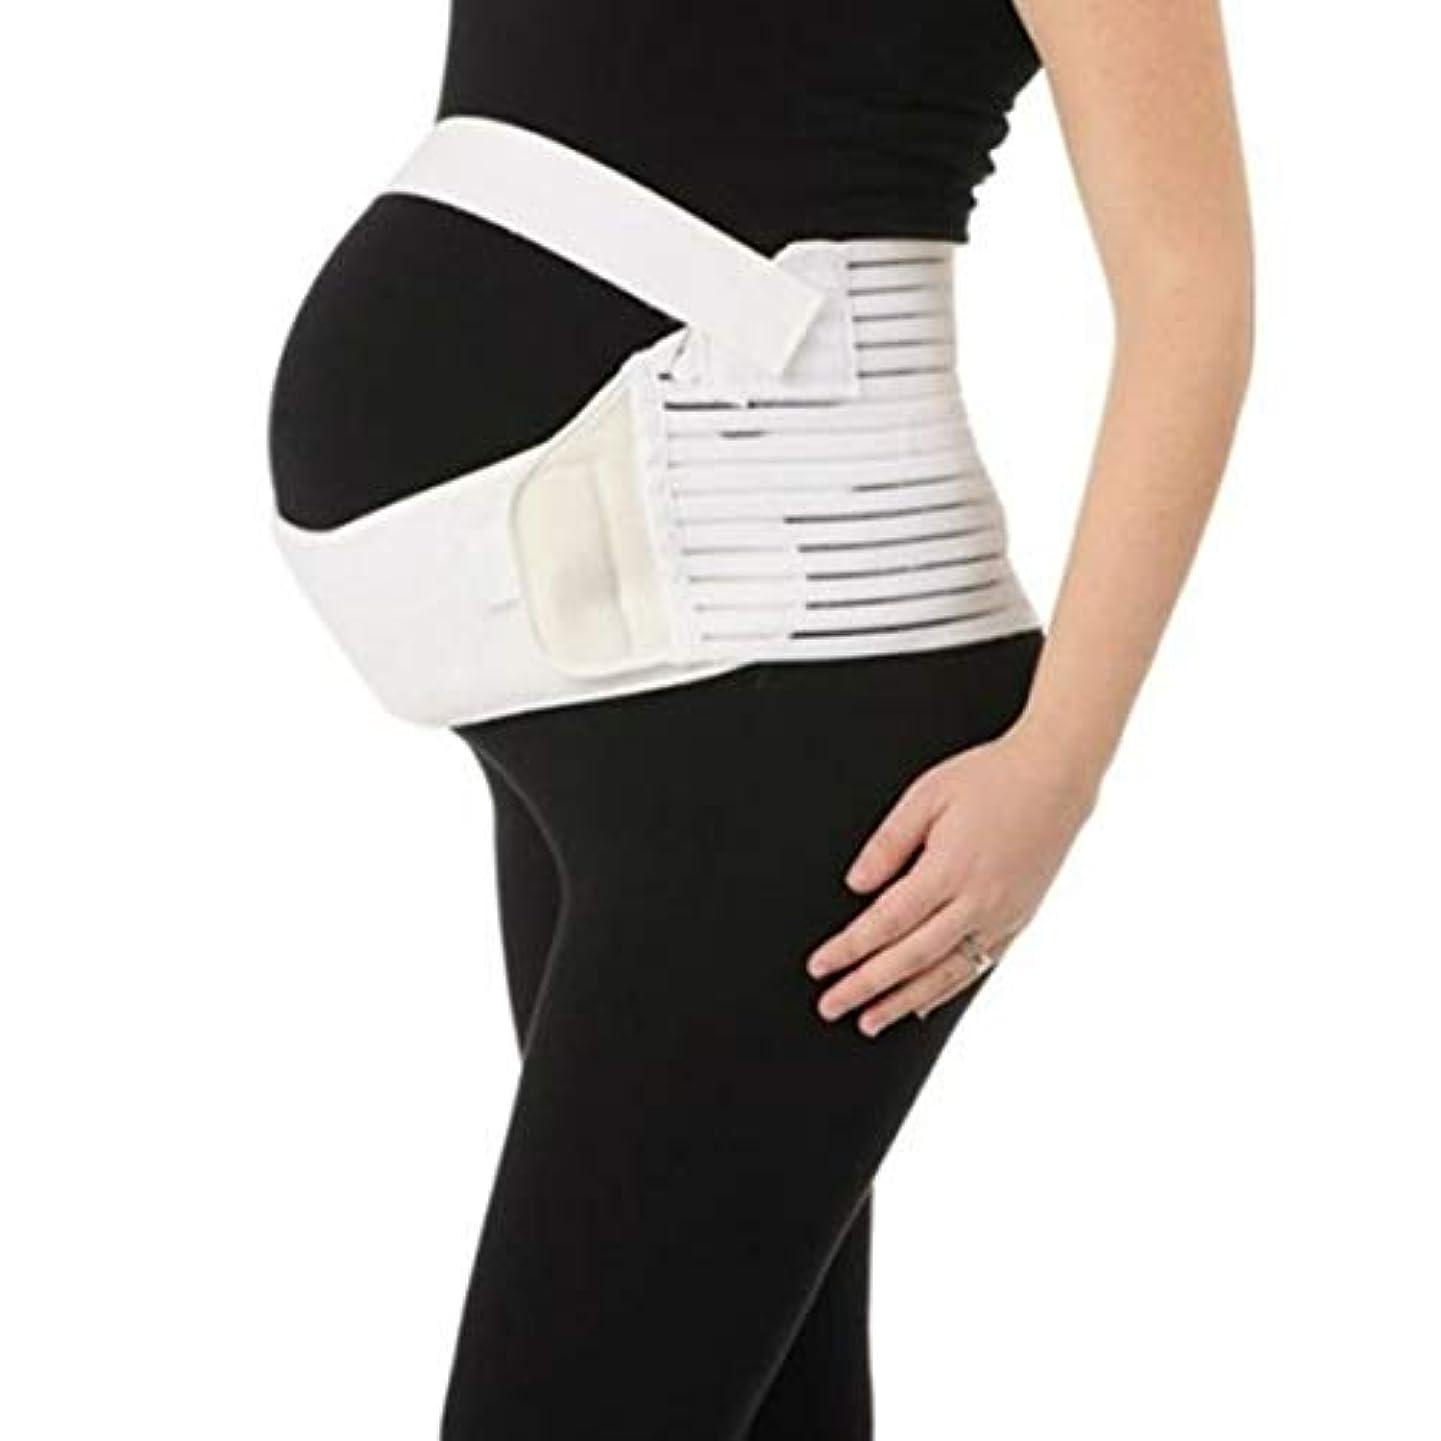 下線哲学的今まで通気性マタニティベルト妊娠腹部サポート腹部バインダーガードル運動包帯産後回復形状ウェア - ホワイトXL